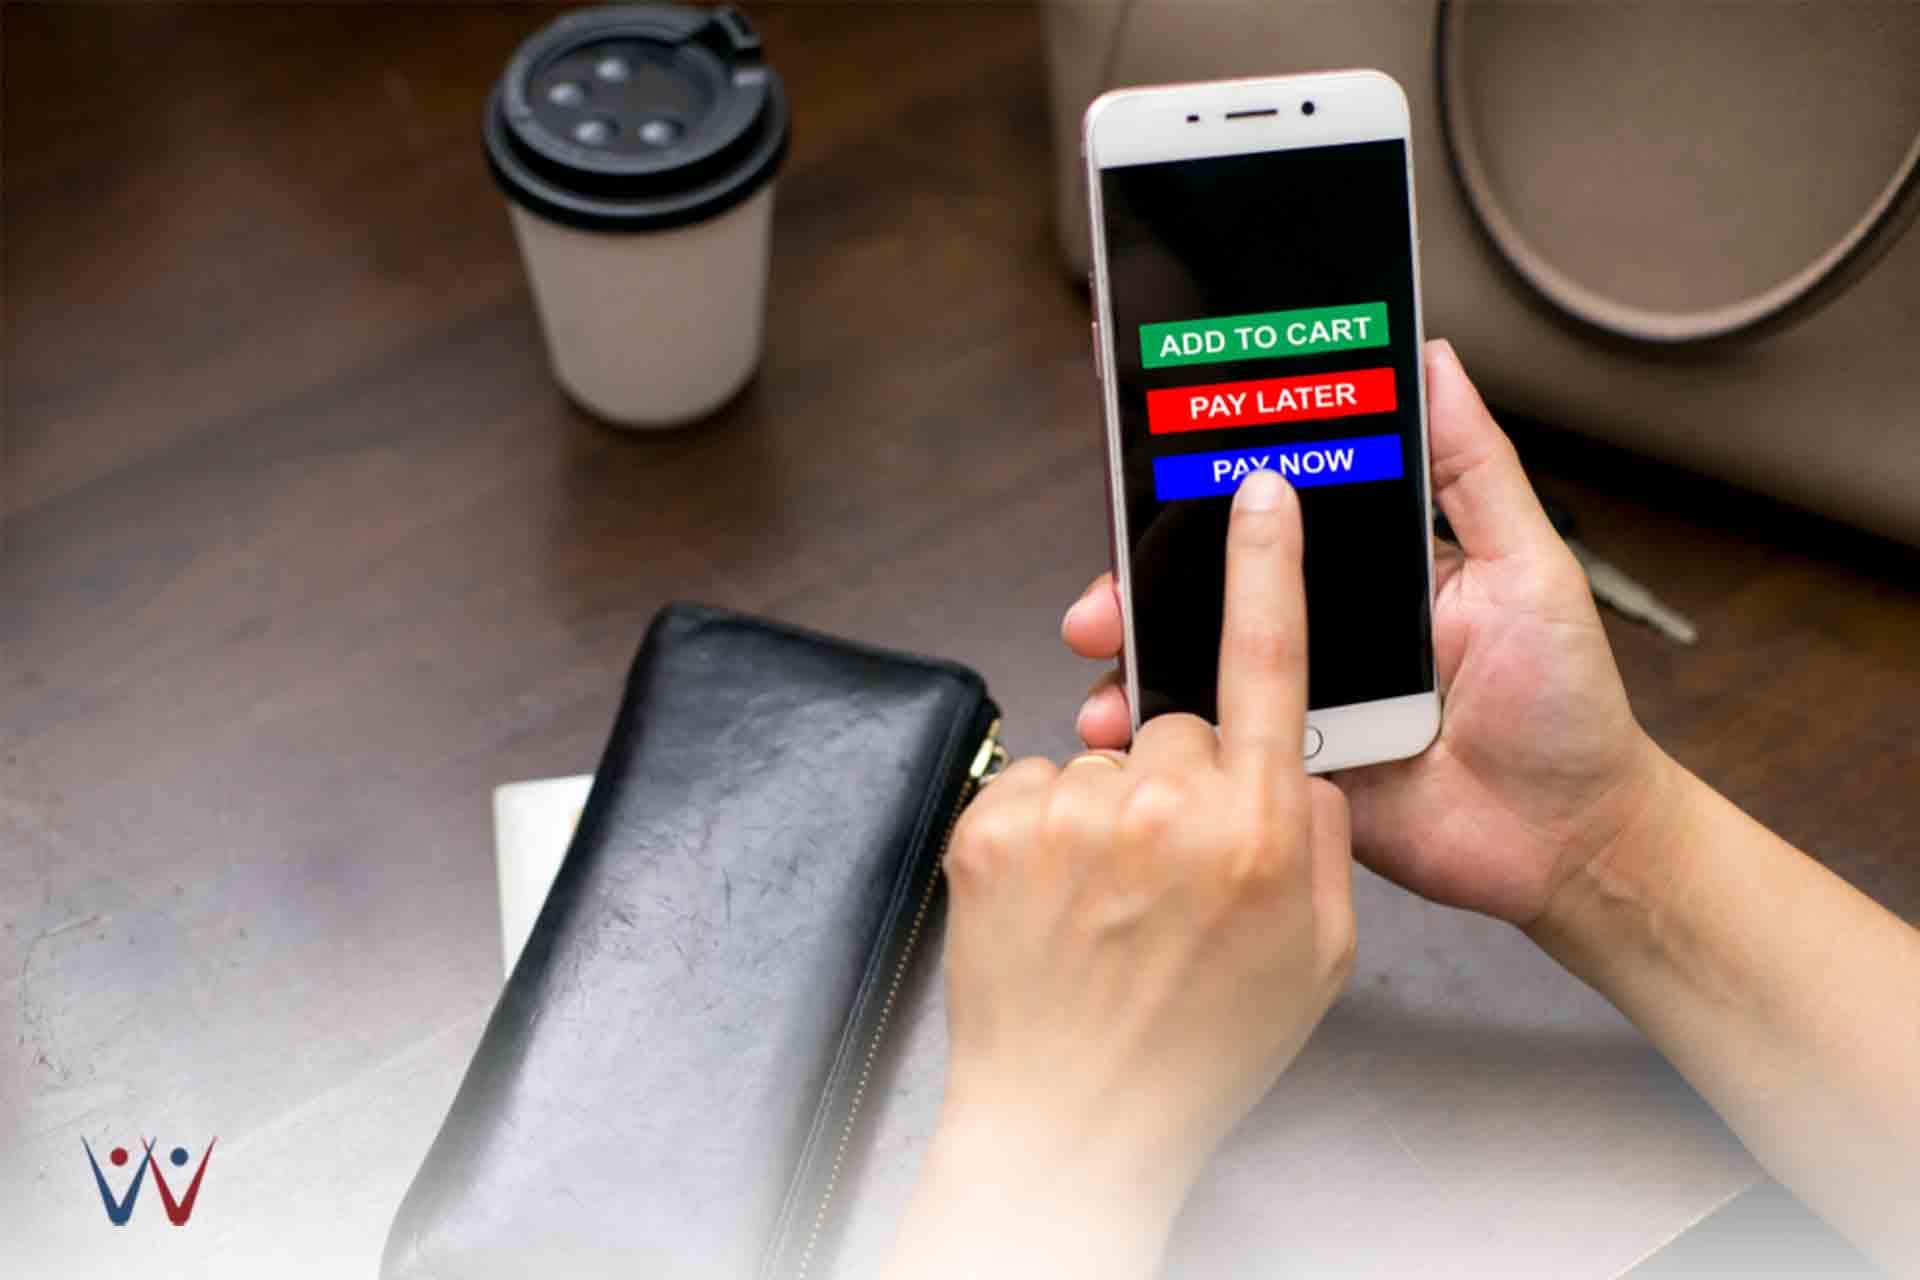 Pay Later, Kartu Kredit Zaman Now yang Ternyata Bisa Bikin Kalap Belanja!